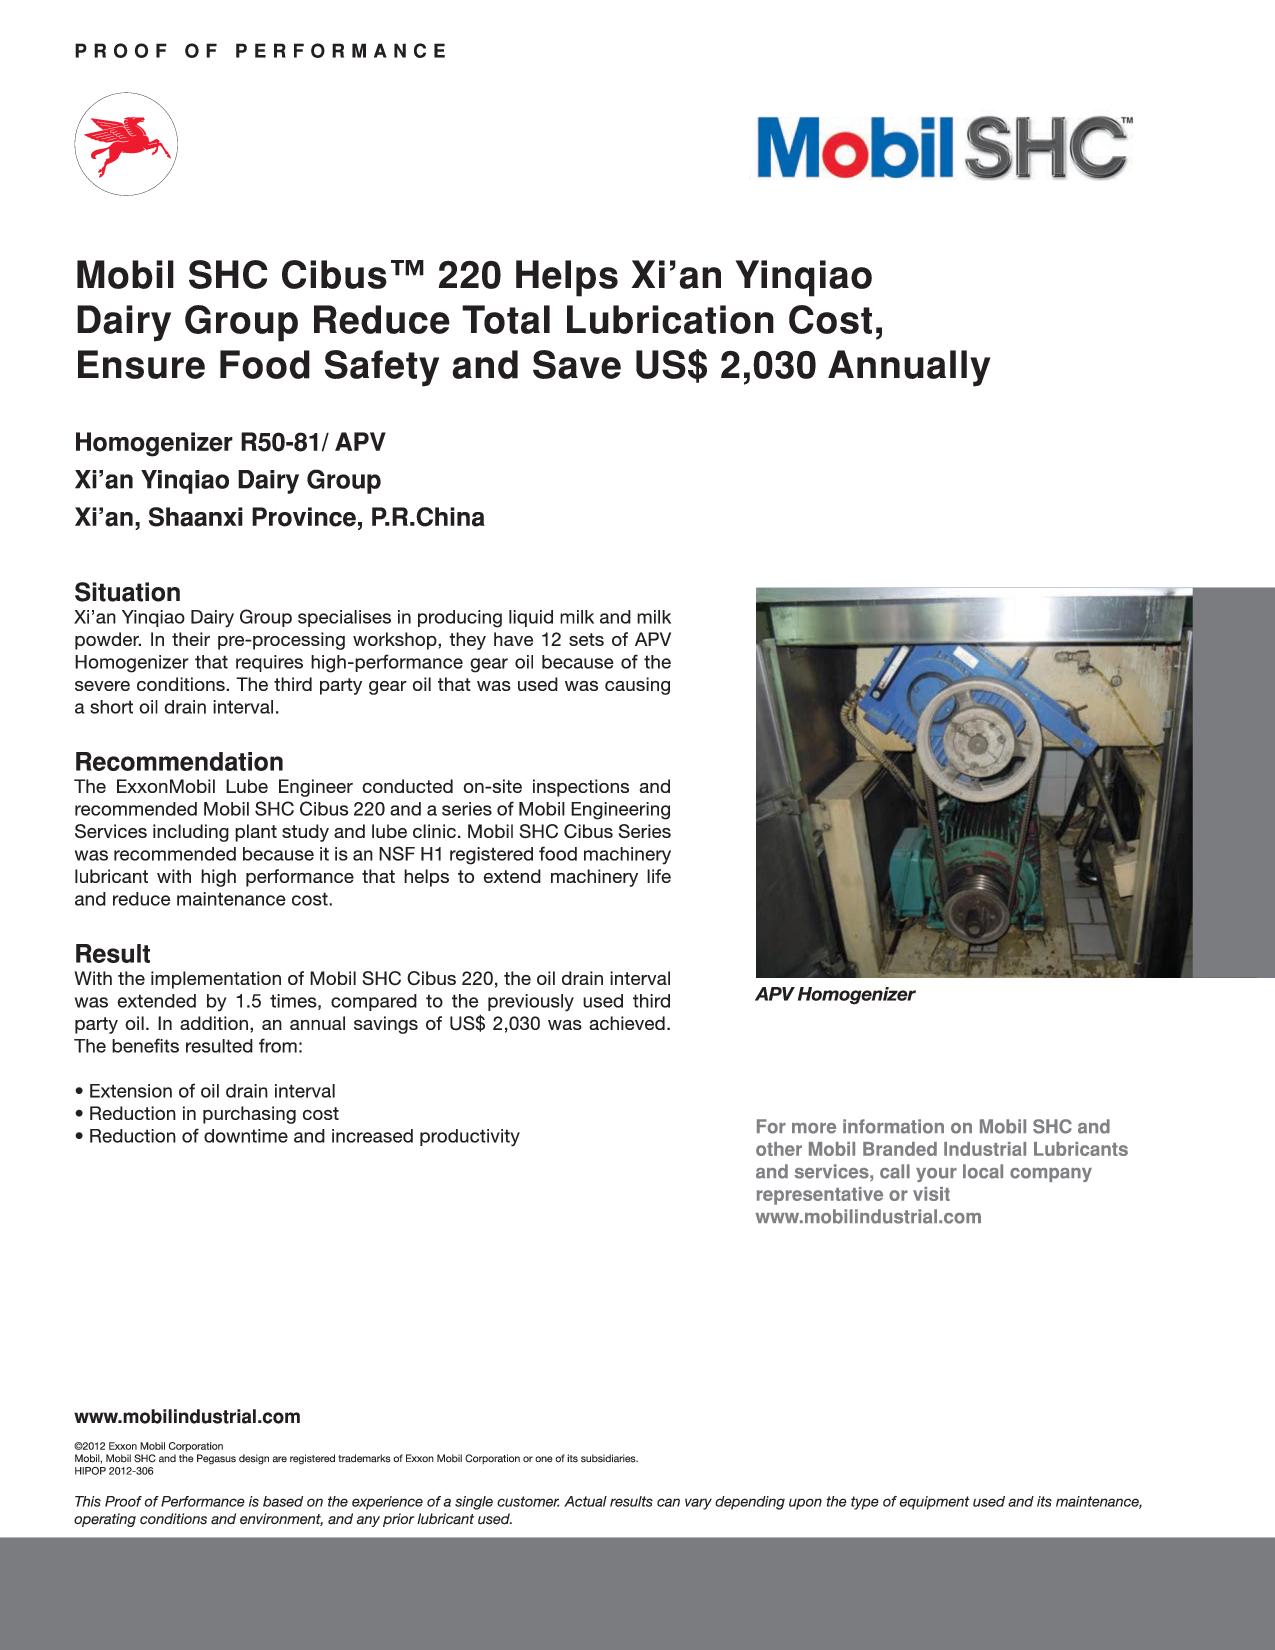 Mobil SHC™ Cibus 220 Helps Xi'an Yinqiao Dairy Group Reduce